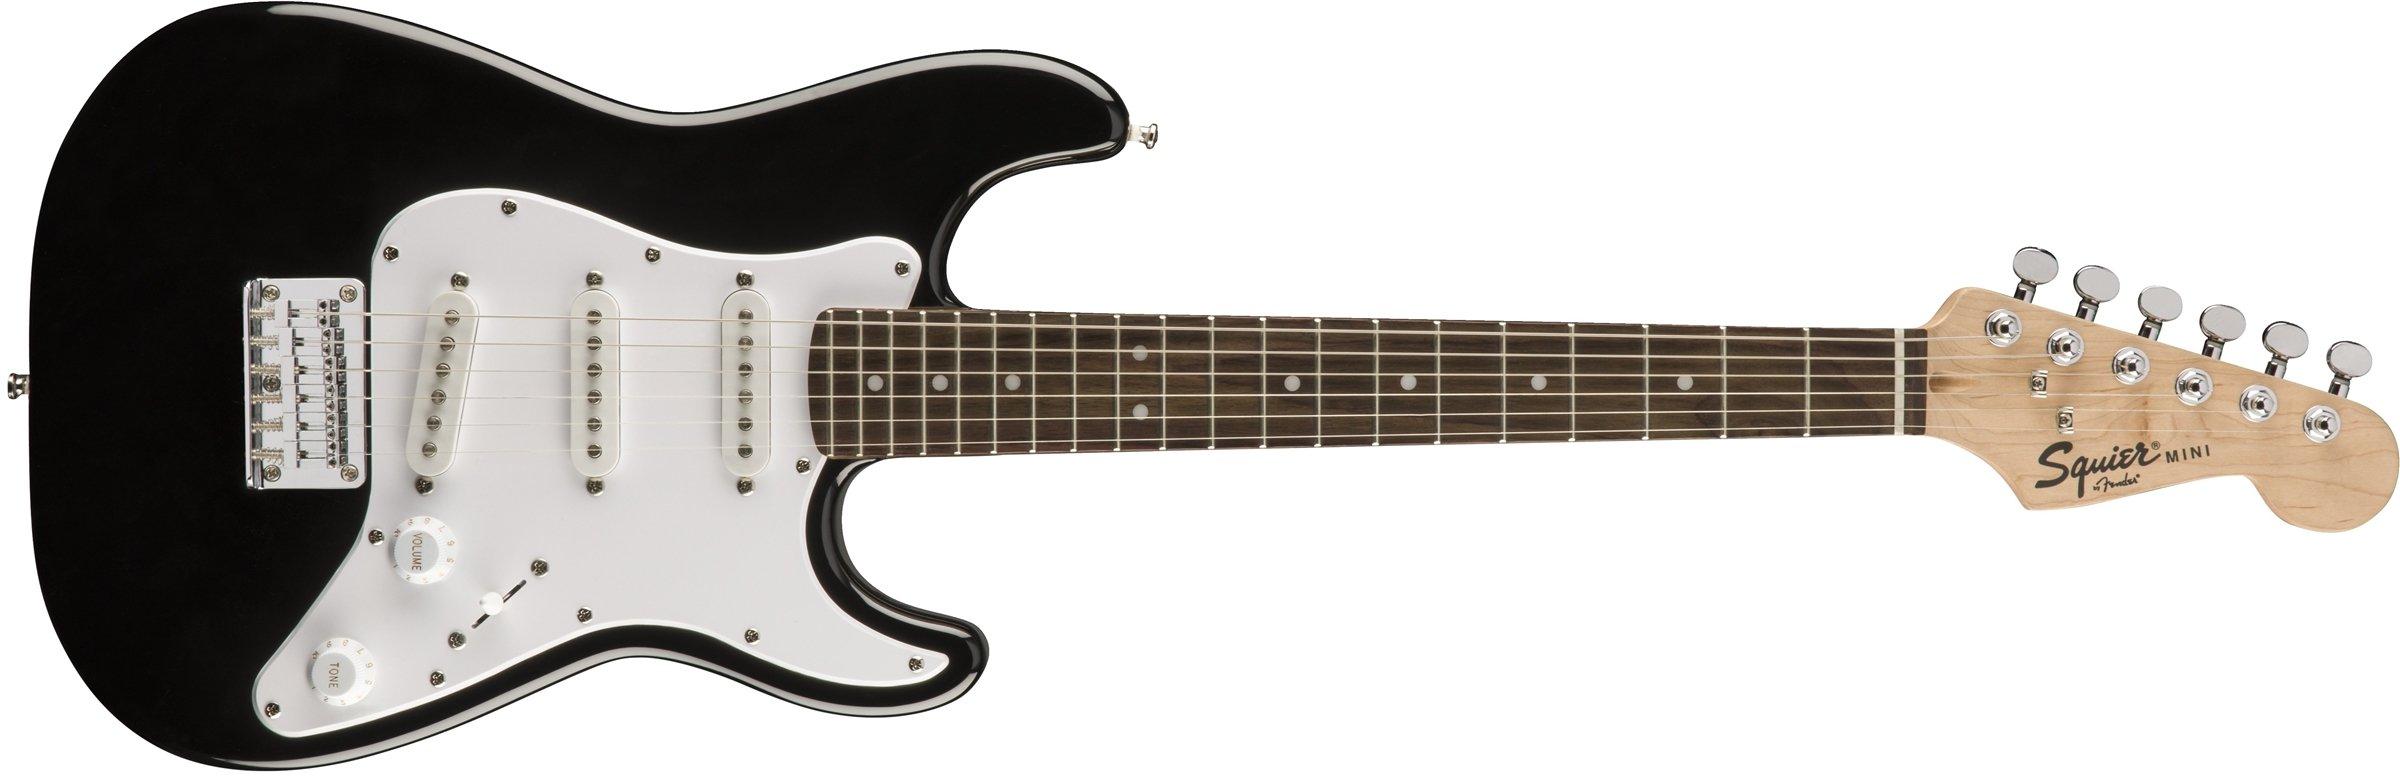 Squier by Fender Mini Strat  - Rosewood Fingerboard  - Black by Fender (Image #1)